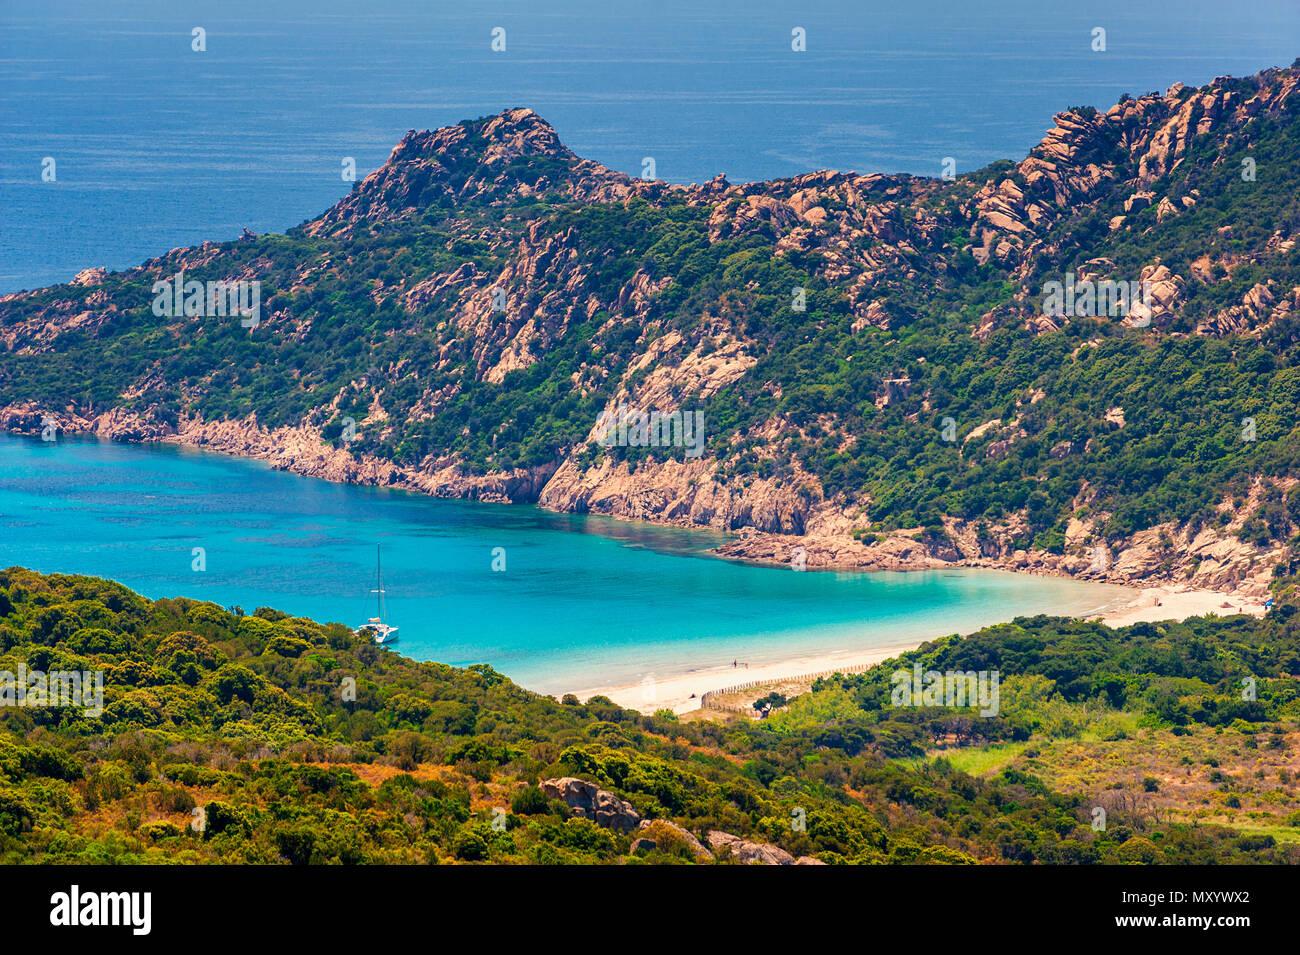 Remota spiaggia vicino a Sartène in Corsica, Francia Immagini Stock